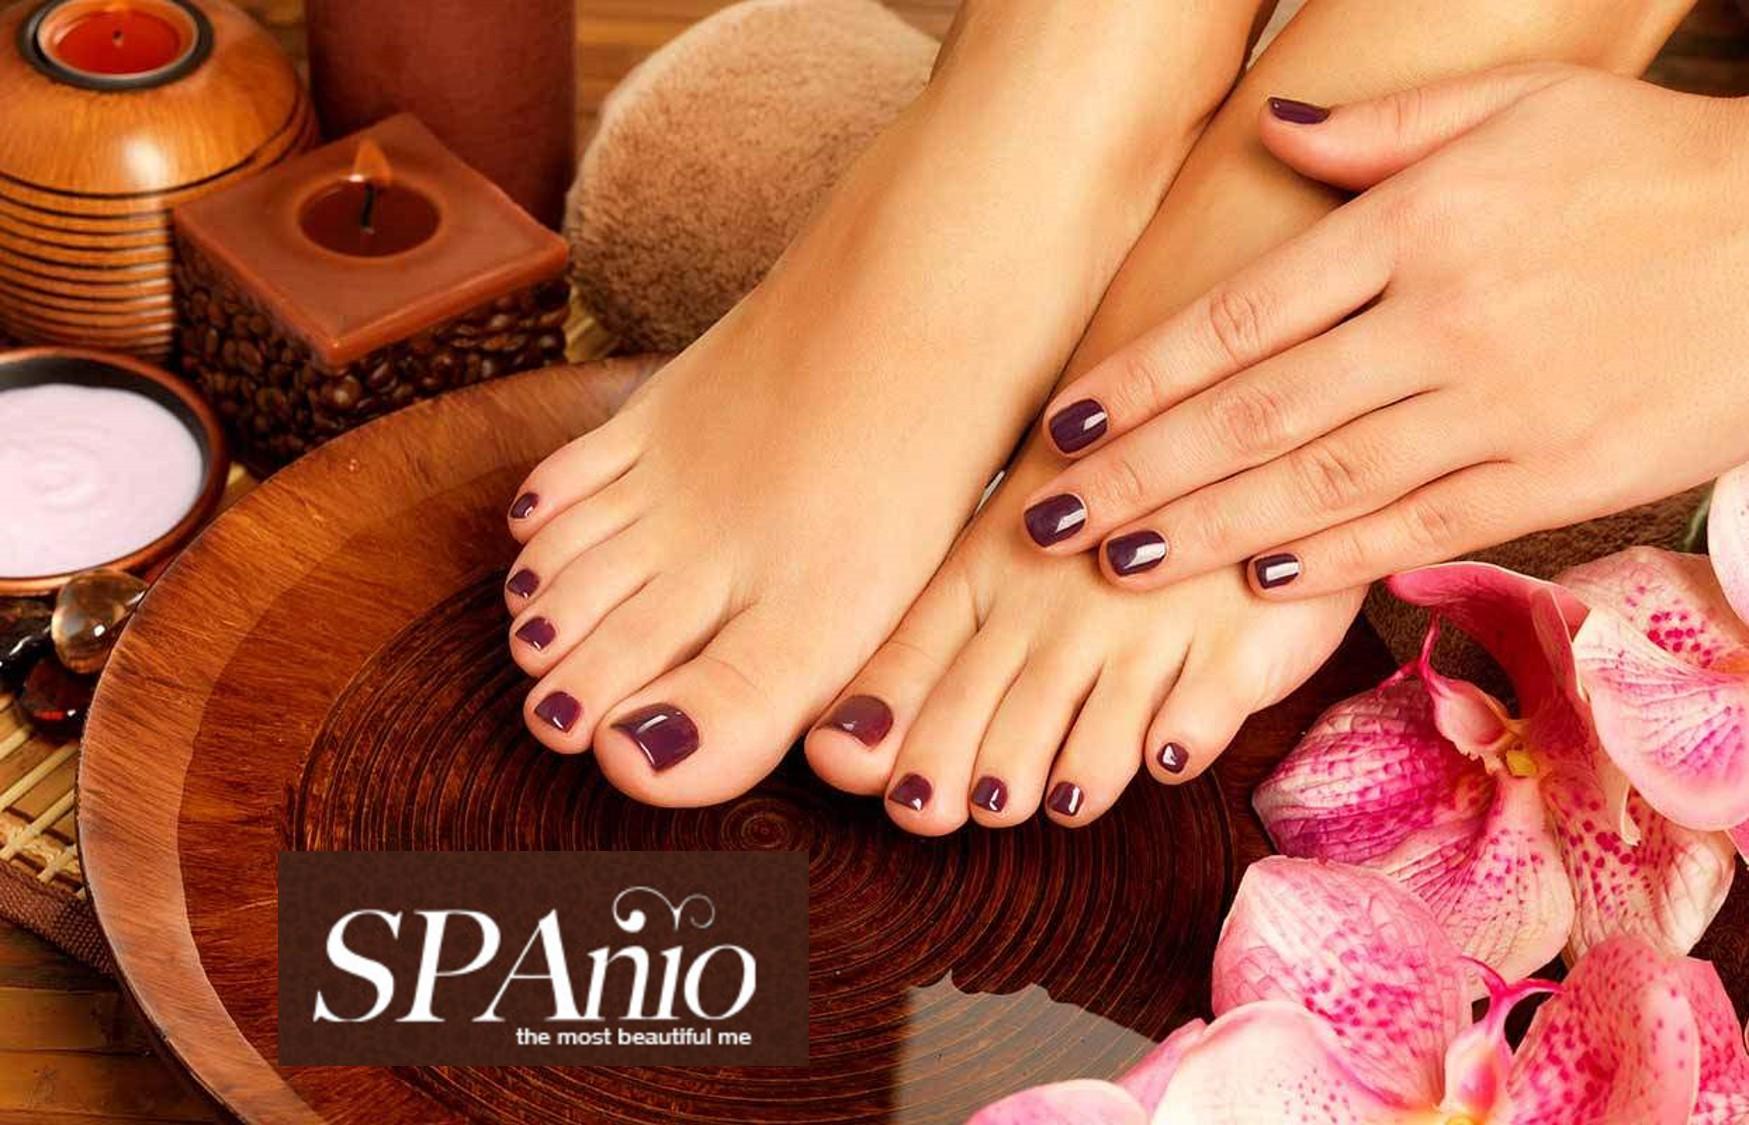 11,9€ απο 35€ για Spa Manicure, Spa Pedicure, Ενυδατικο Spa Ακρων, Ποδολουτρο με Jacuzzi & Peeling ποδιων, στο minimal κεντρο ομορφιας »SPAnio» στην Ν.Σμυρνη